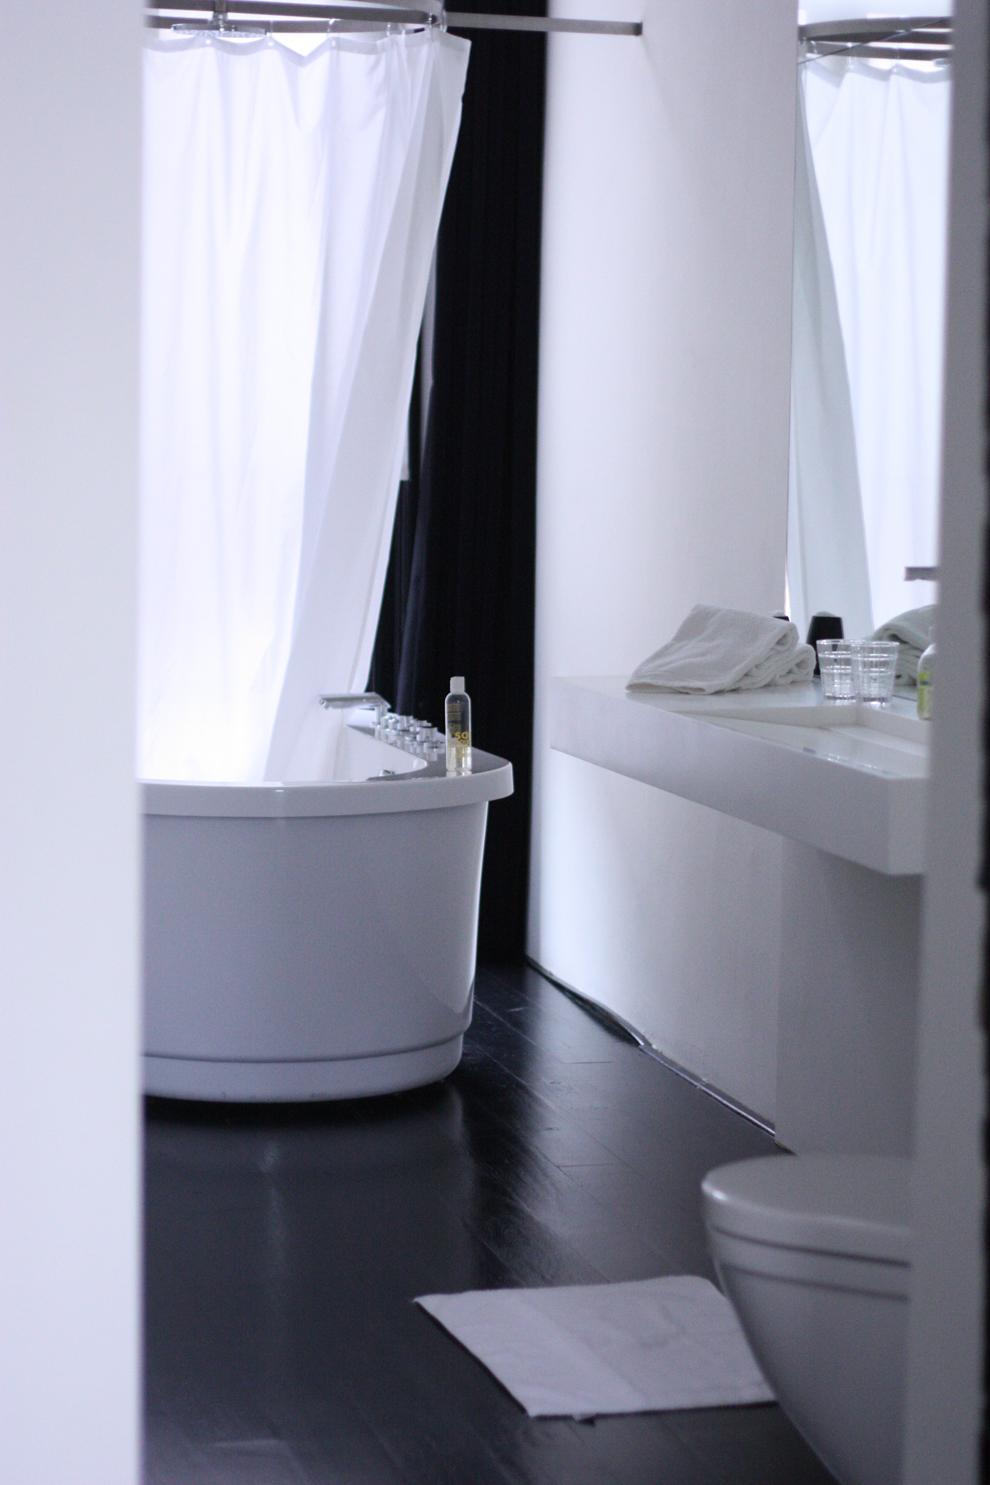 Bathroom - Suite at feek